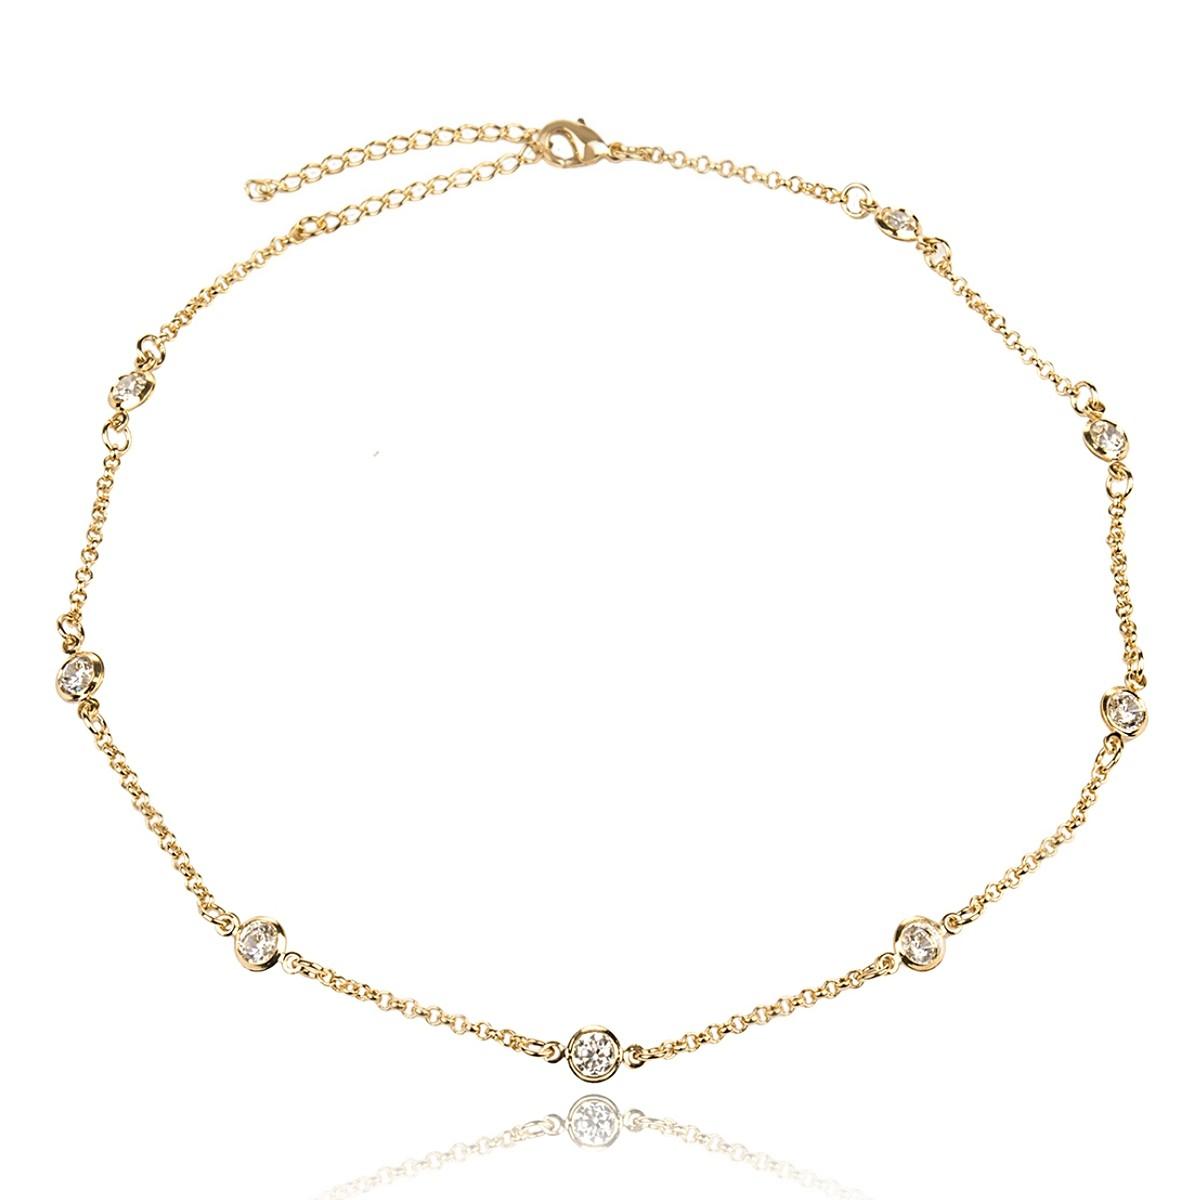 bfa0262bc505f Colar Choker Pontos de Luz Semijoia em Ouro 18K com Zircônia Branca  Brilhante Redonda - SOLOYOU ...